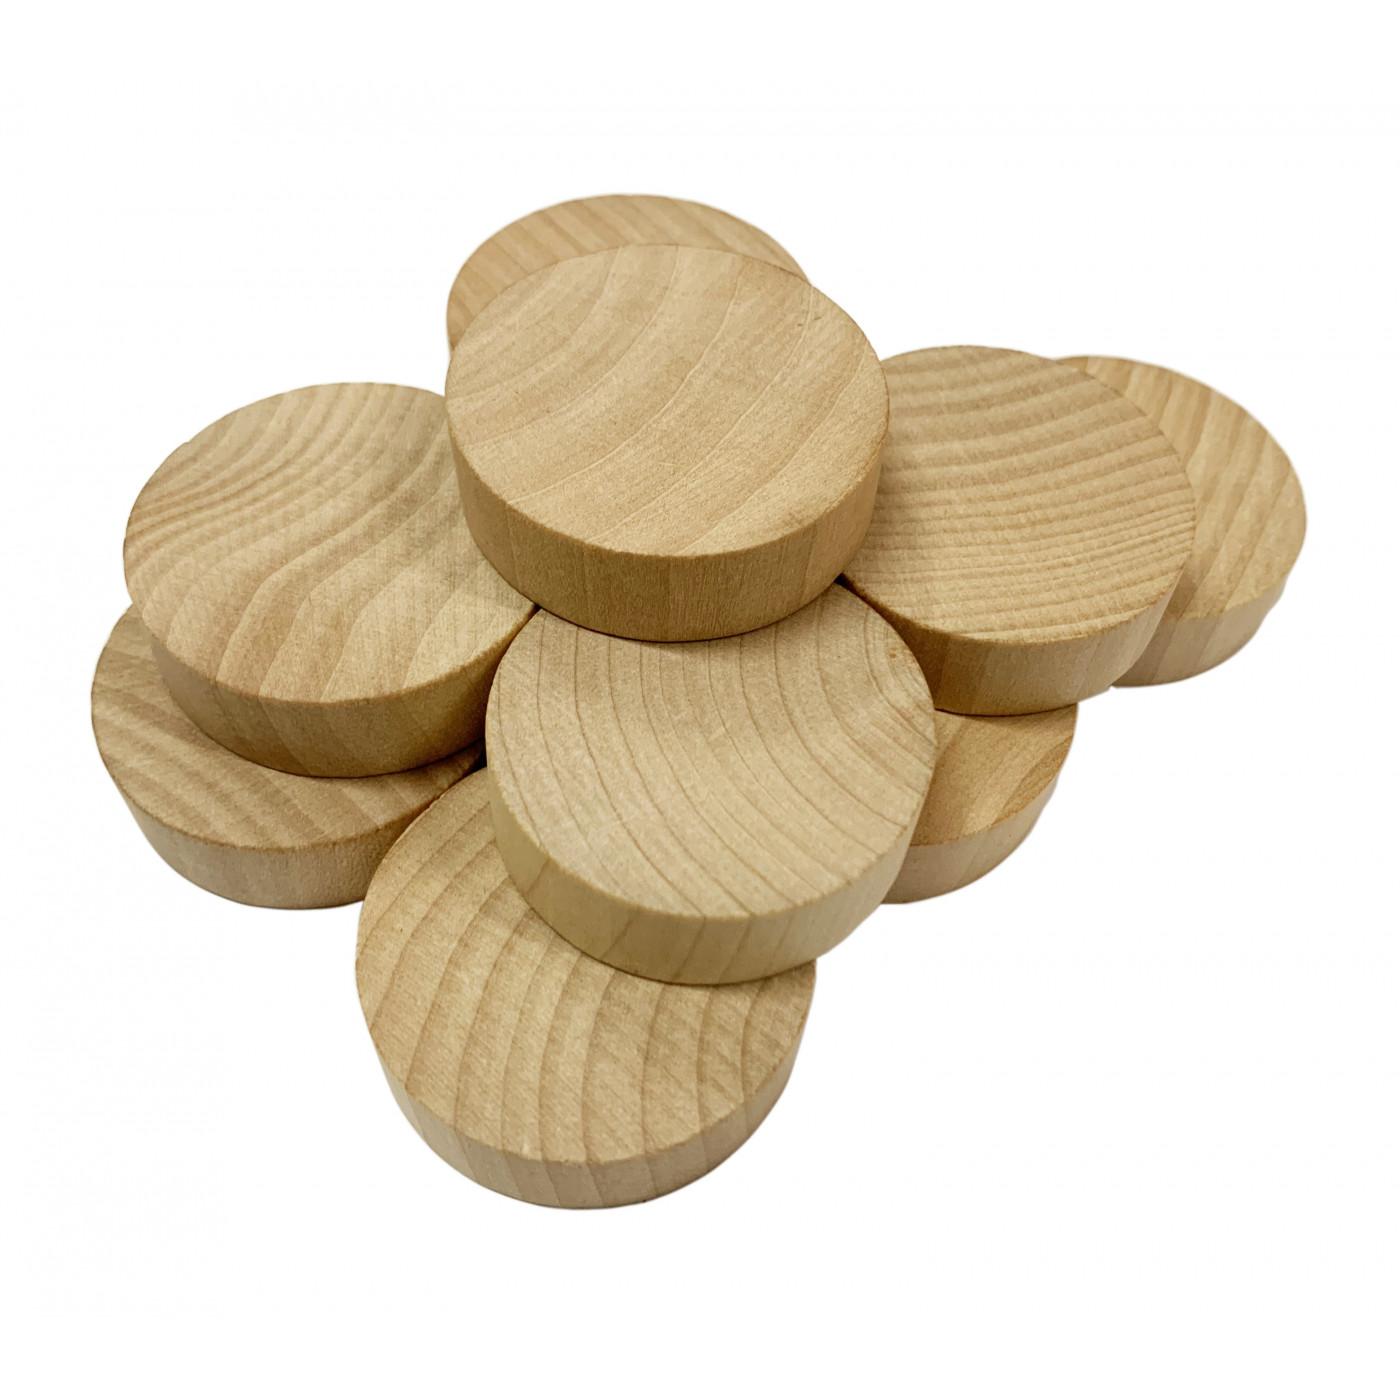 Zestaw 100 drewnianych krążków (śr. 4 cm, grubość: 12 mm, drewno schima)  - 1